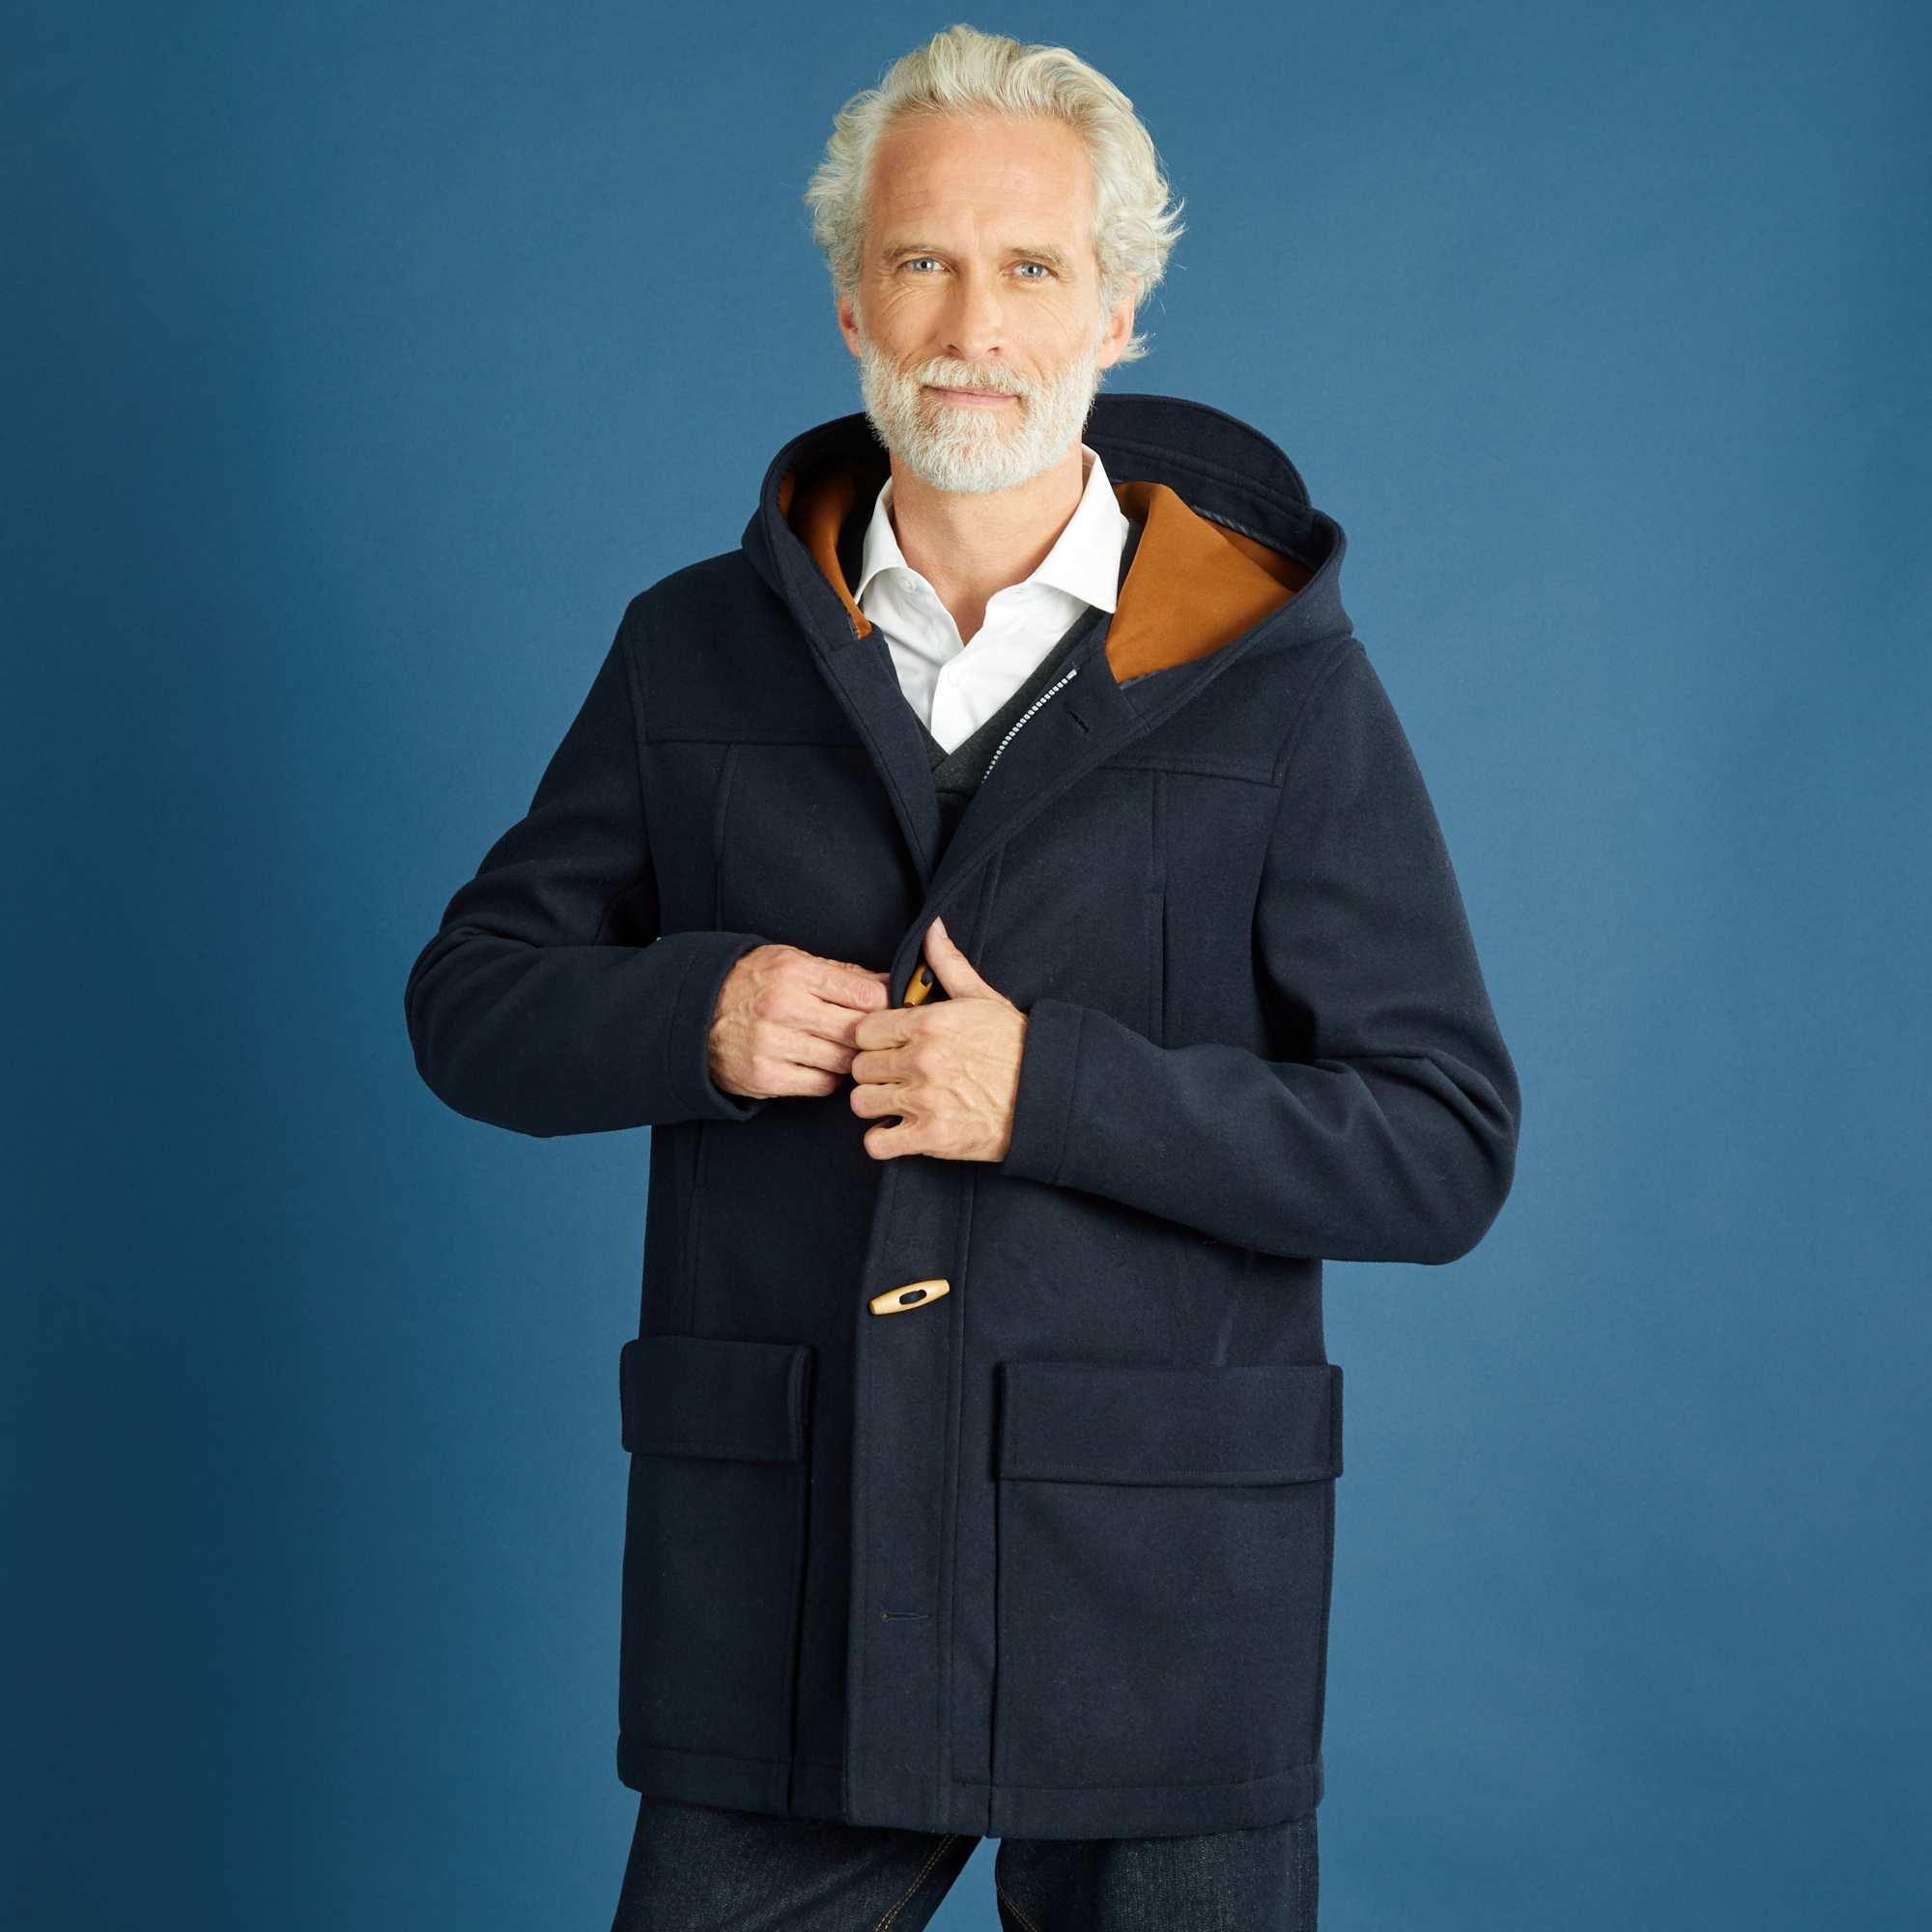 Couleur : gris chiné, bleu marine, ,, - Taille : M, XXL, ,,Avec de la laine pour une véritable enveloppe de chaleur et des doublures contrastantes